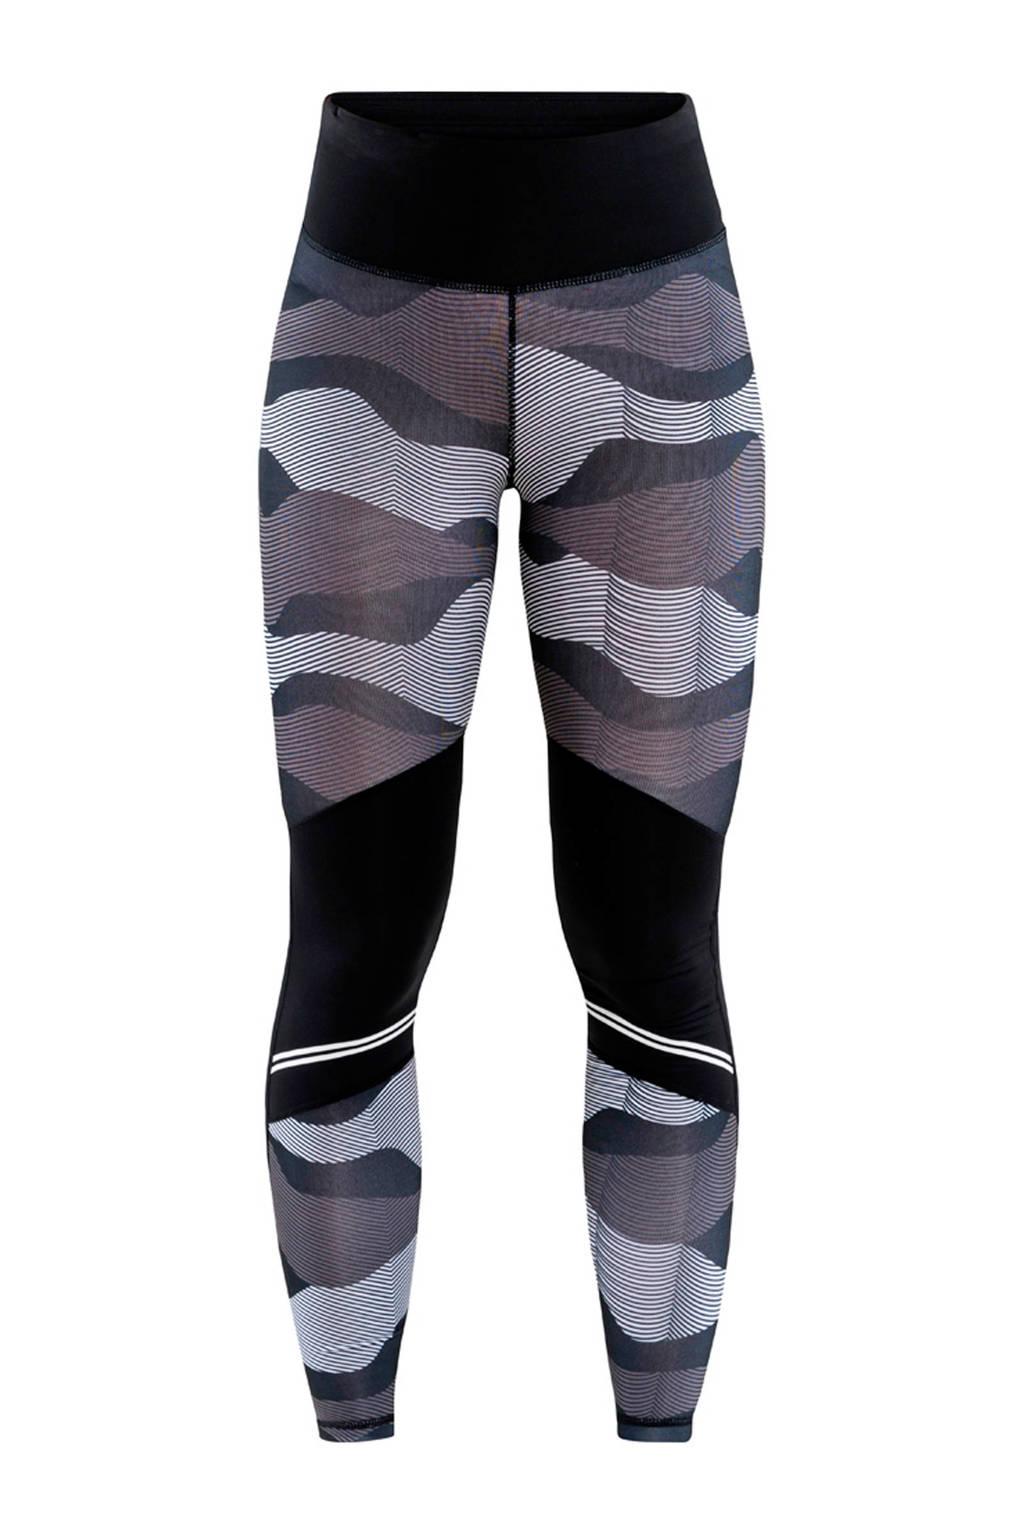 Craft sportbroek zwart/grijs, Zwart/grijs